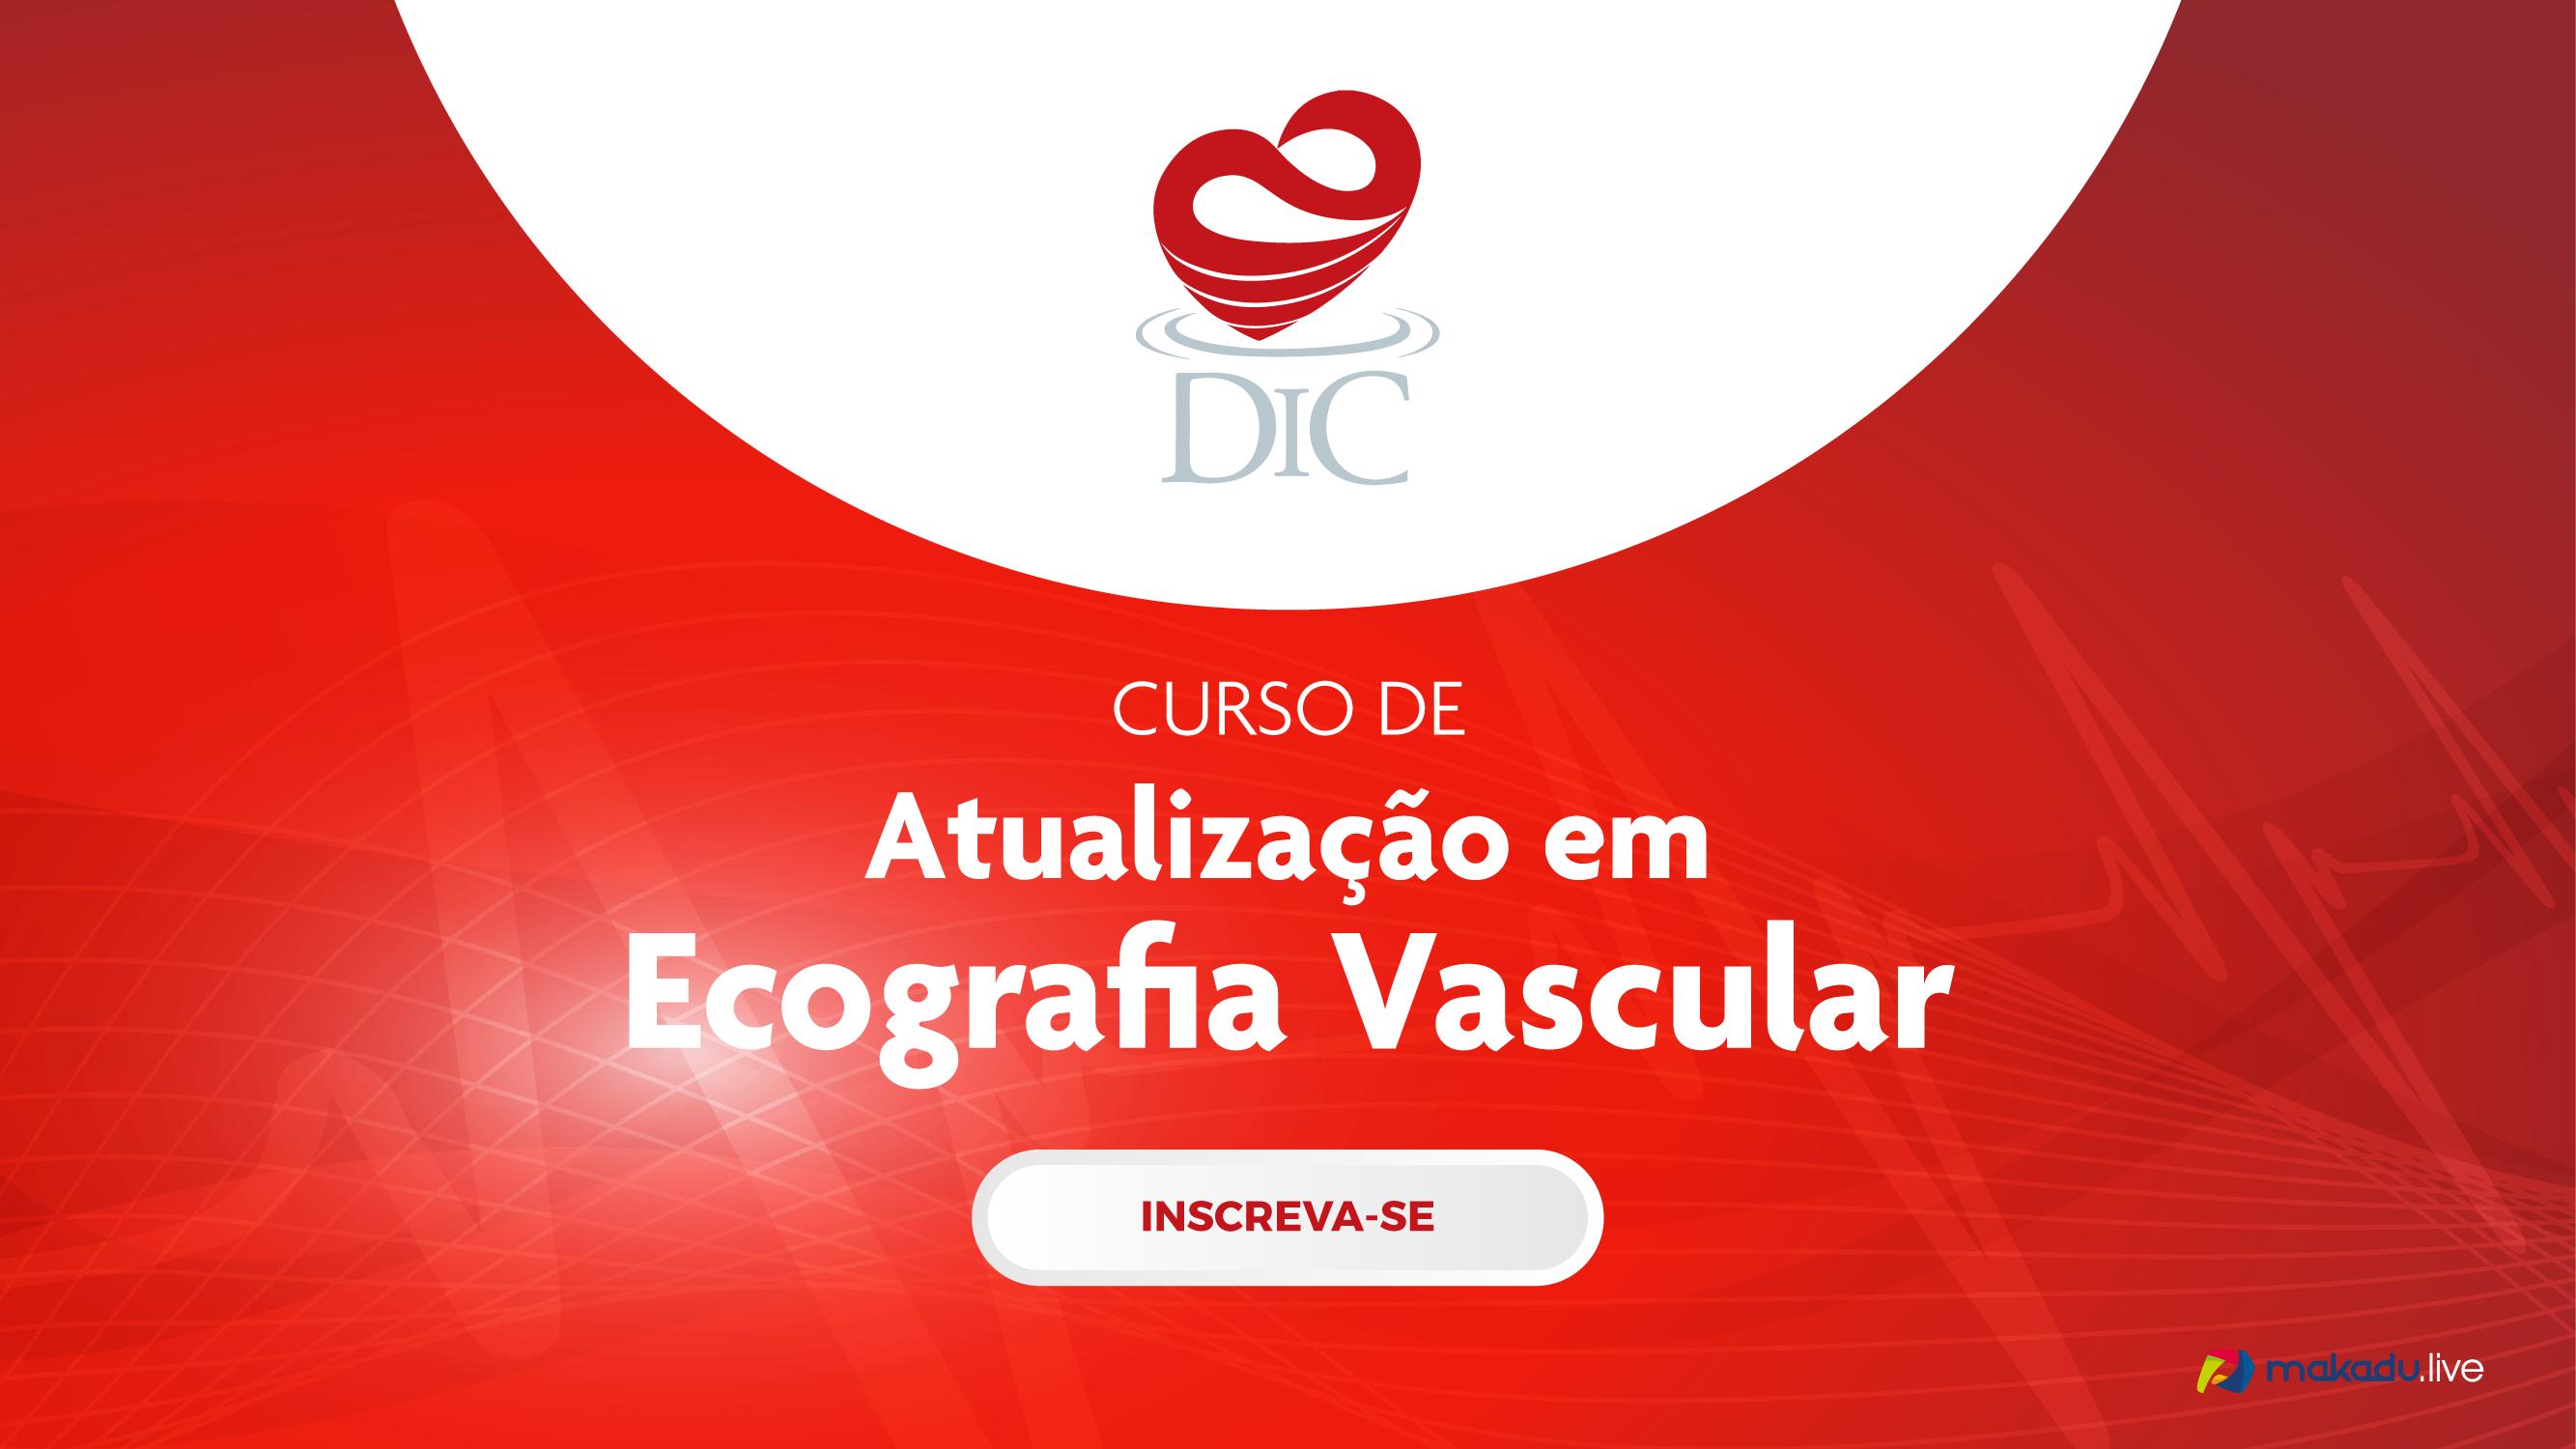 Curso de Atualização em Ecografia Vascular